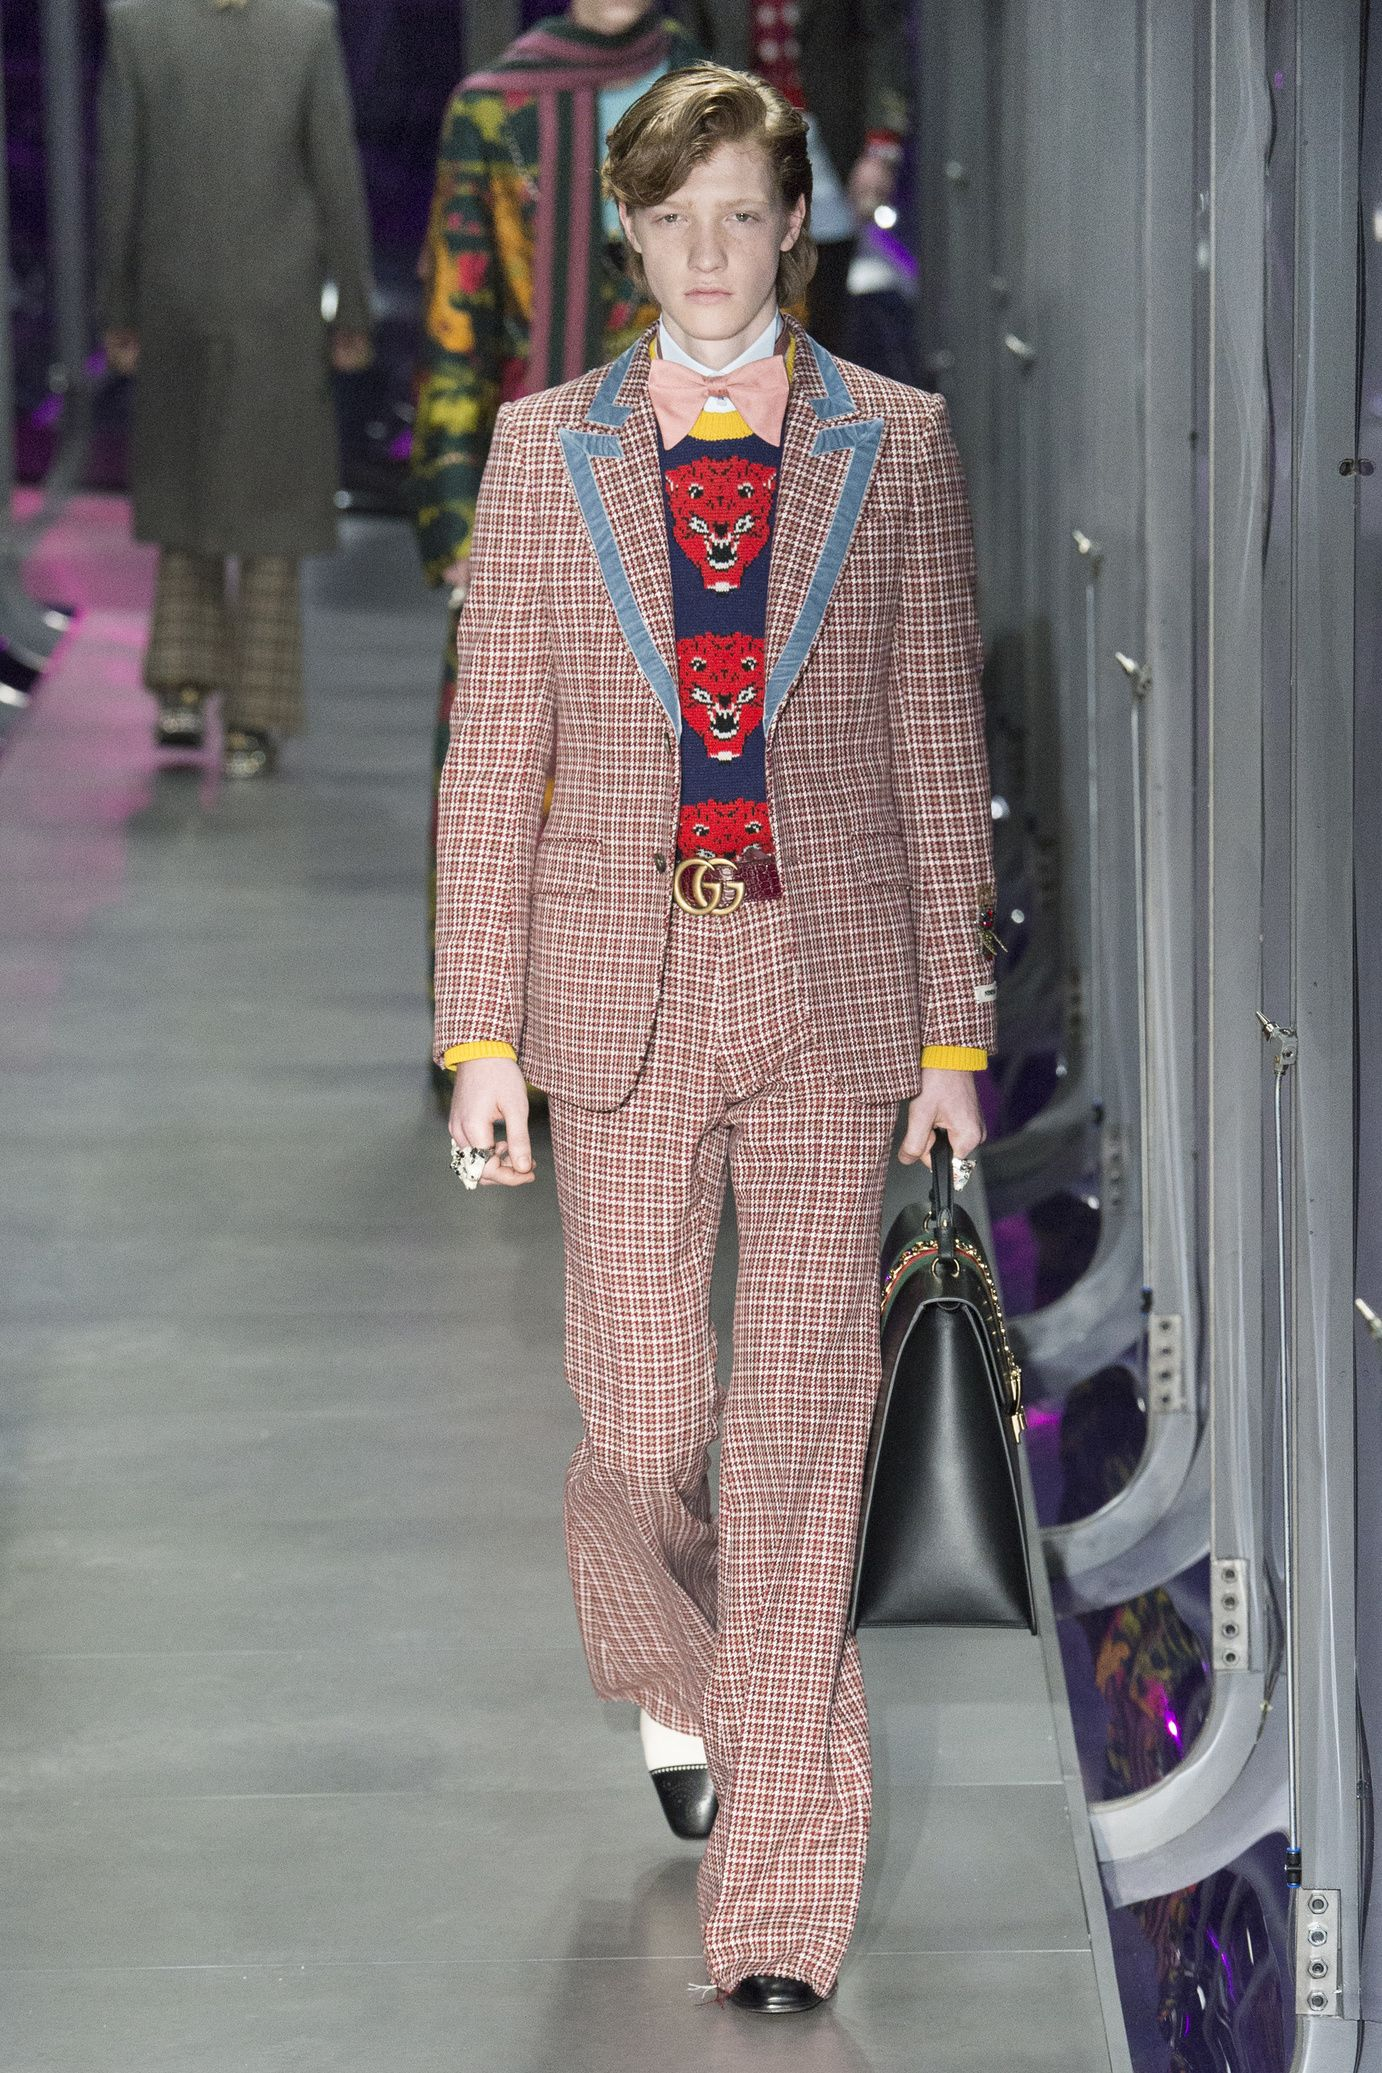 0aefb5e16df5b  DéfiléGucci  fashion  Koshchenets Défilé Gucci prêt-à-porter femme  automne-hiver 2017-2018 12